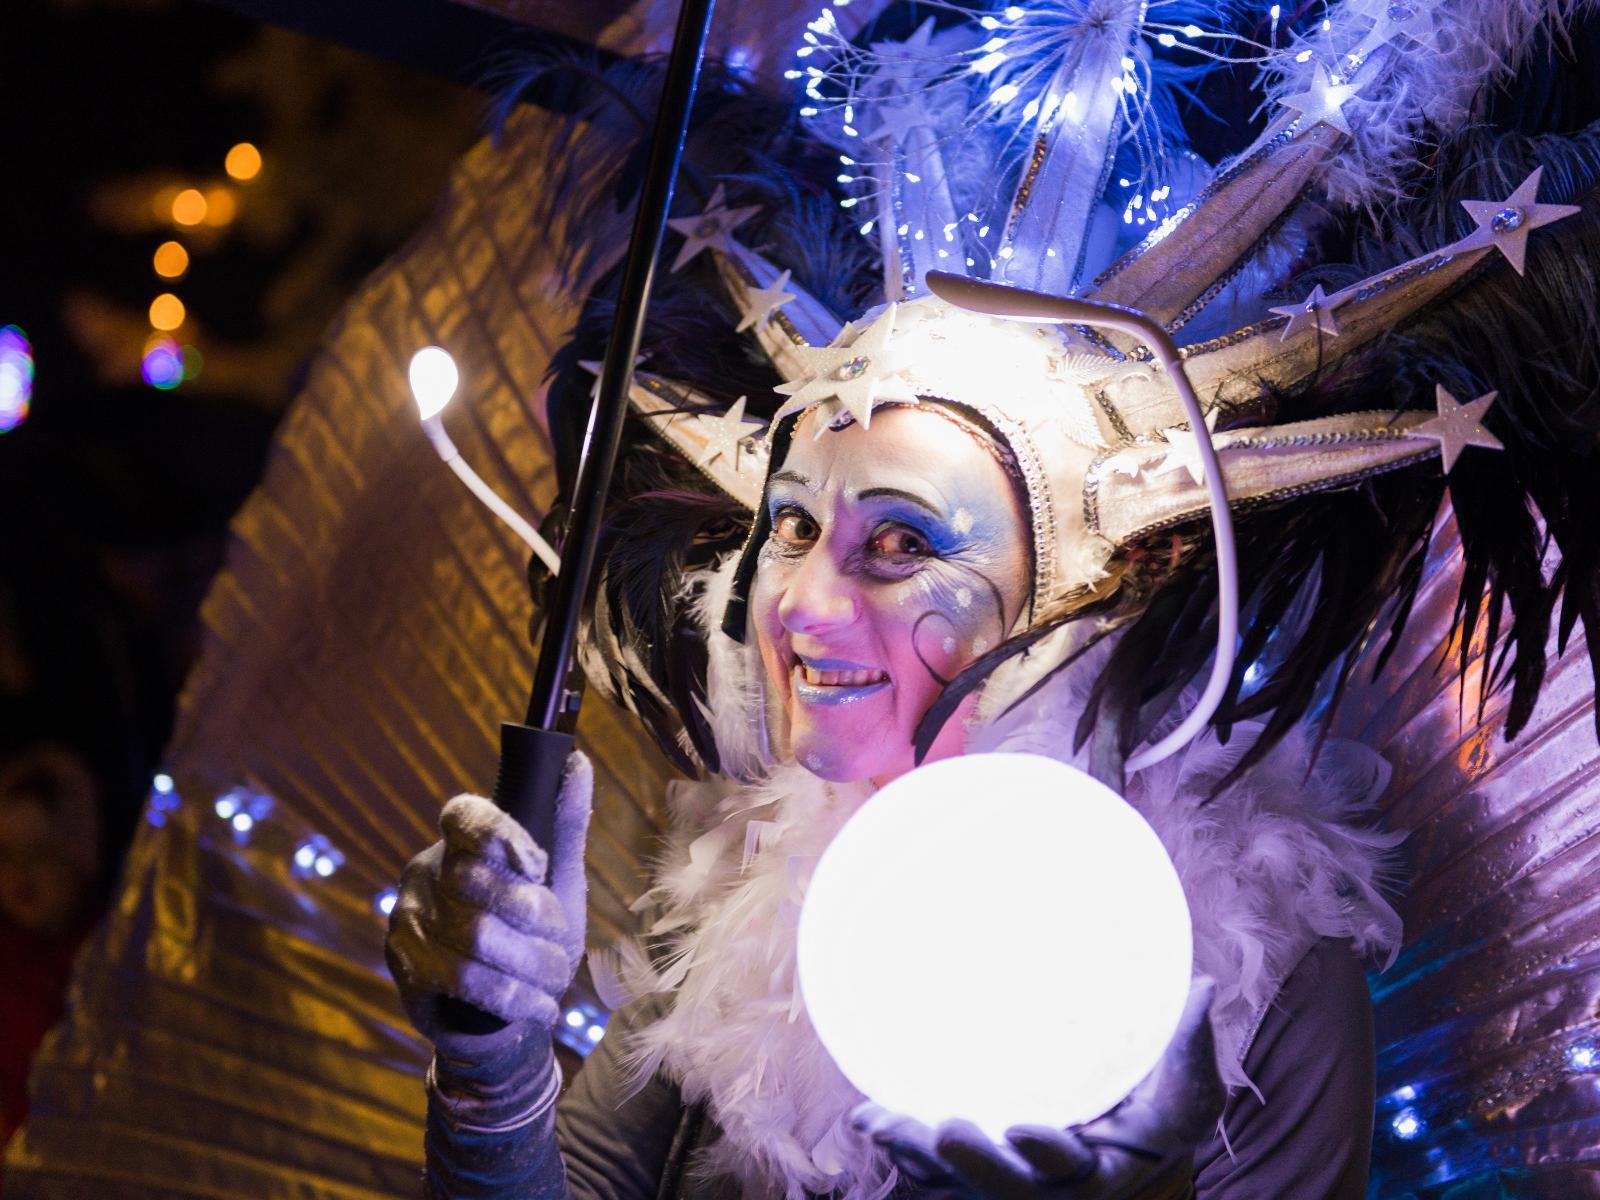 Die Schneekönigin verzaubert die Besucher der Lichtwoche